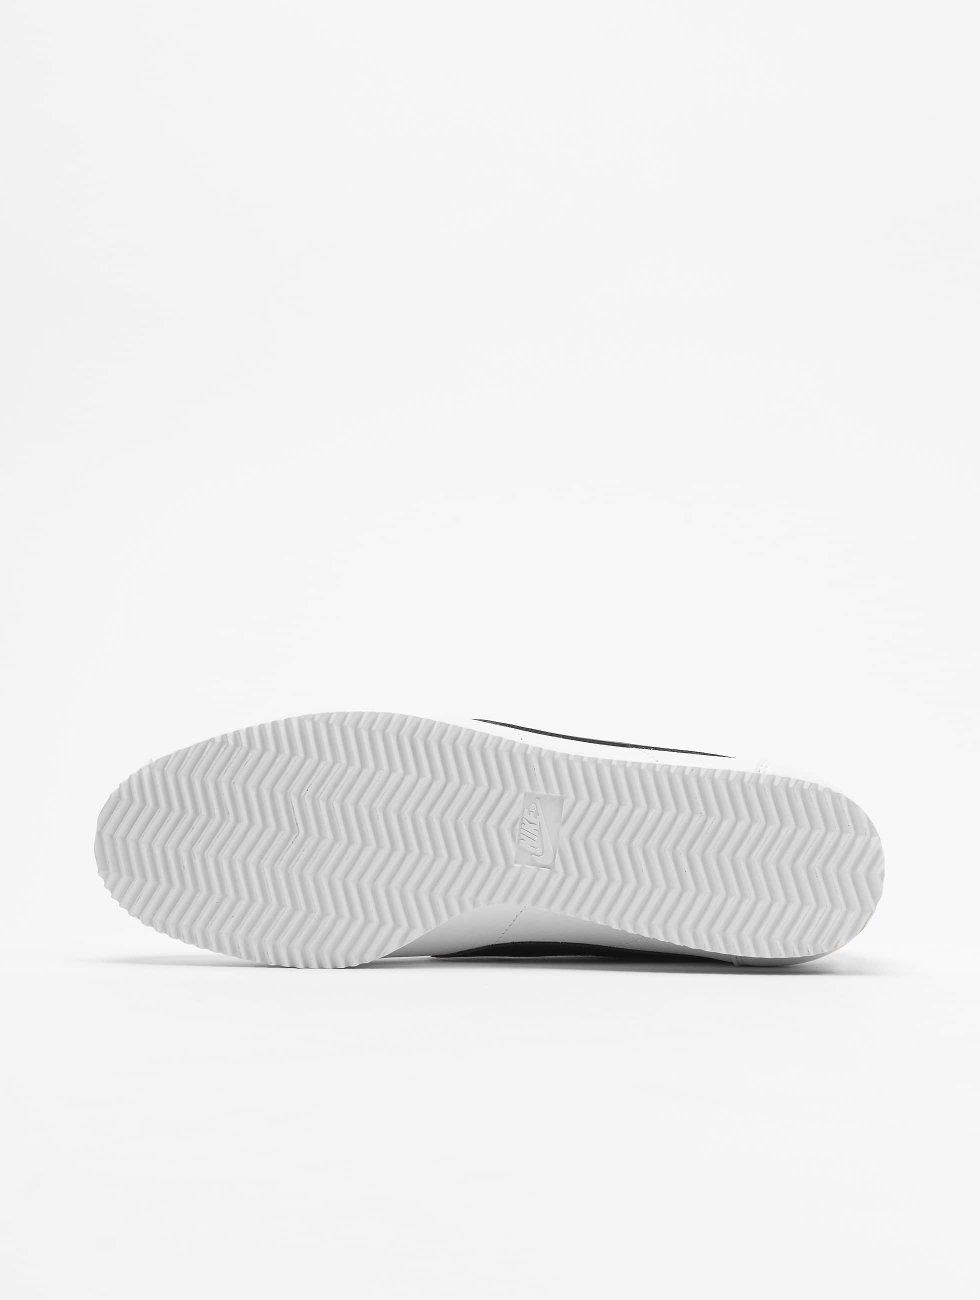 Nike Schoen / Sneaker Classica In Pelle Cortez Nel Ingegno 256978 h3StSO